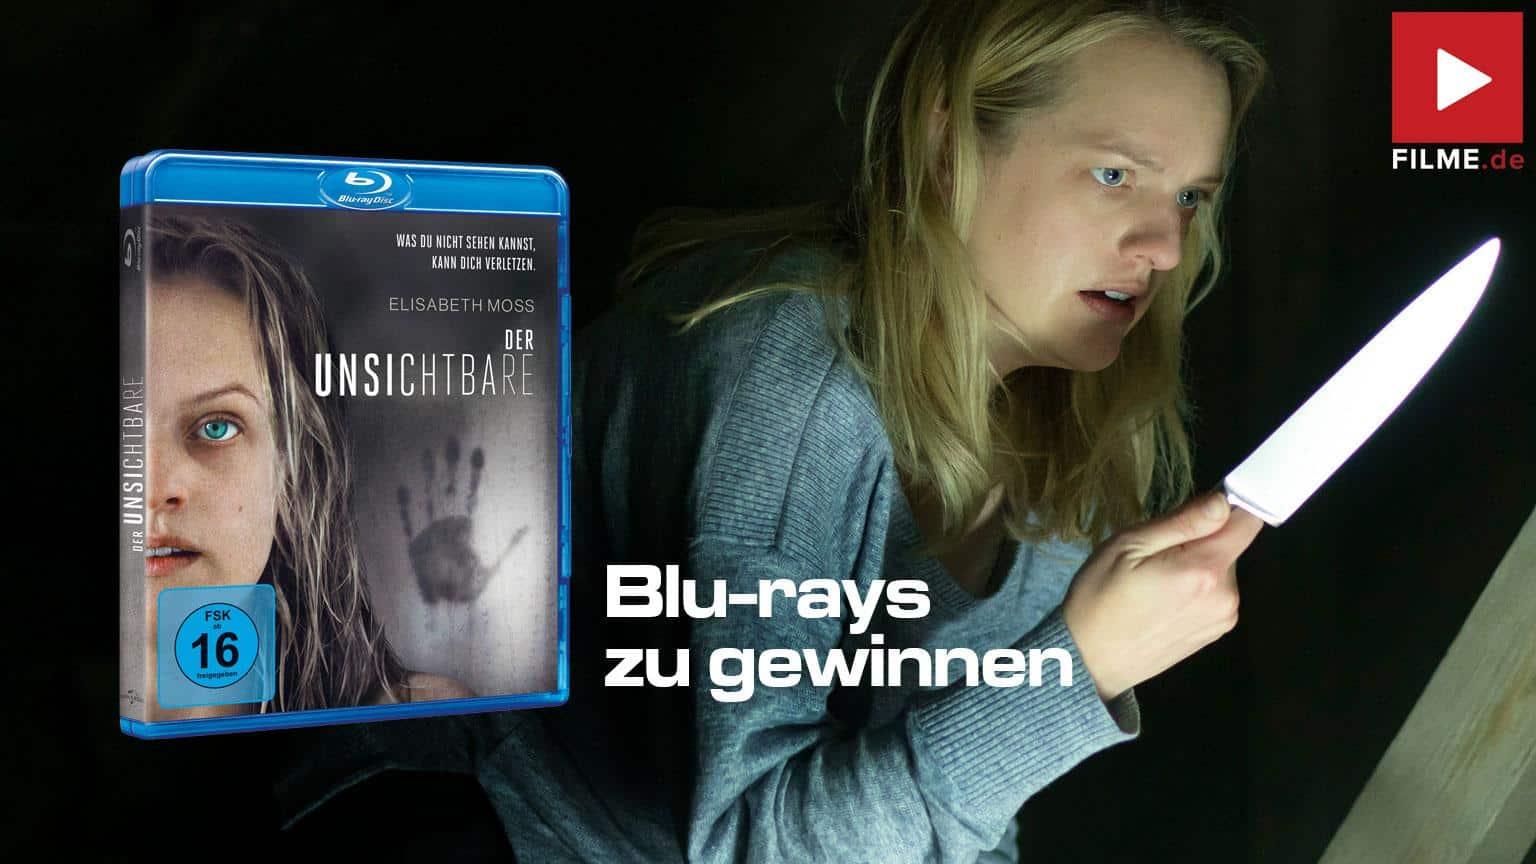 Der Unsichtbare Gewinnspiel Film 2020 shop kaufen Artikelbild